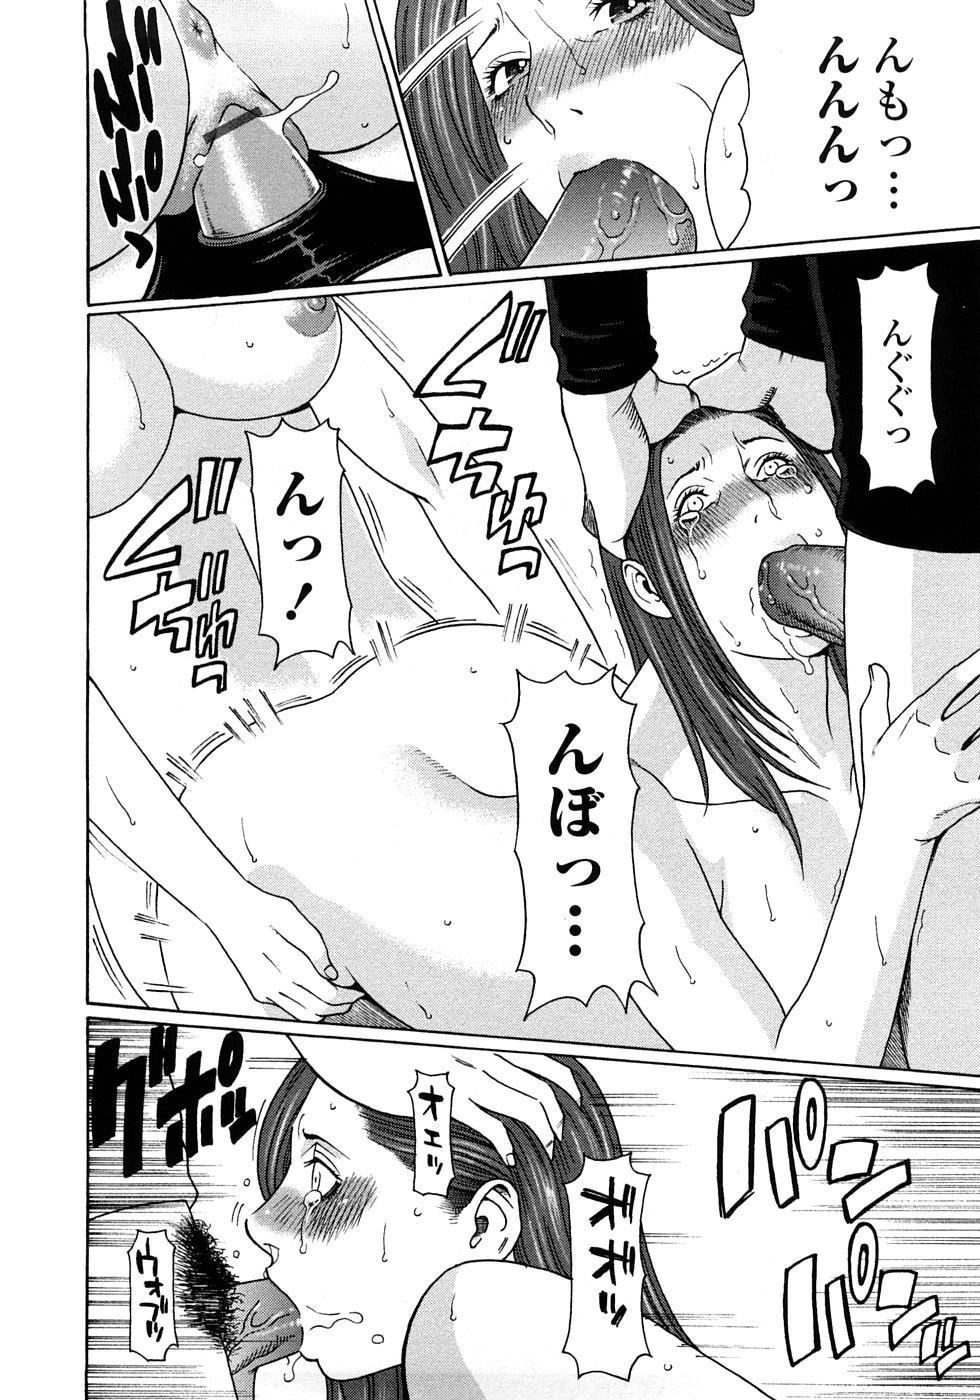 Etsuraku no Tobira - The Door of Sexual Pleasure 88